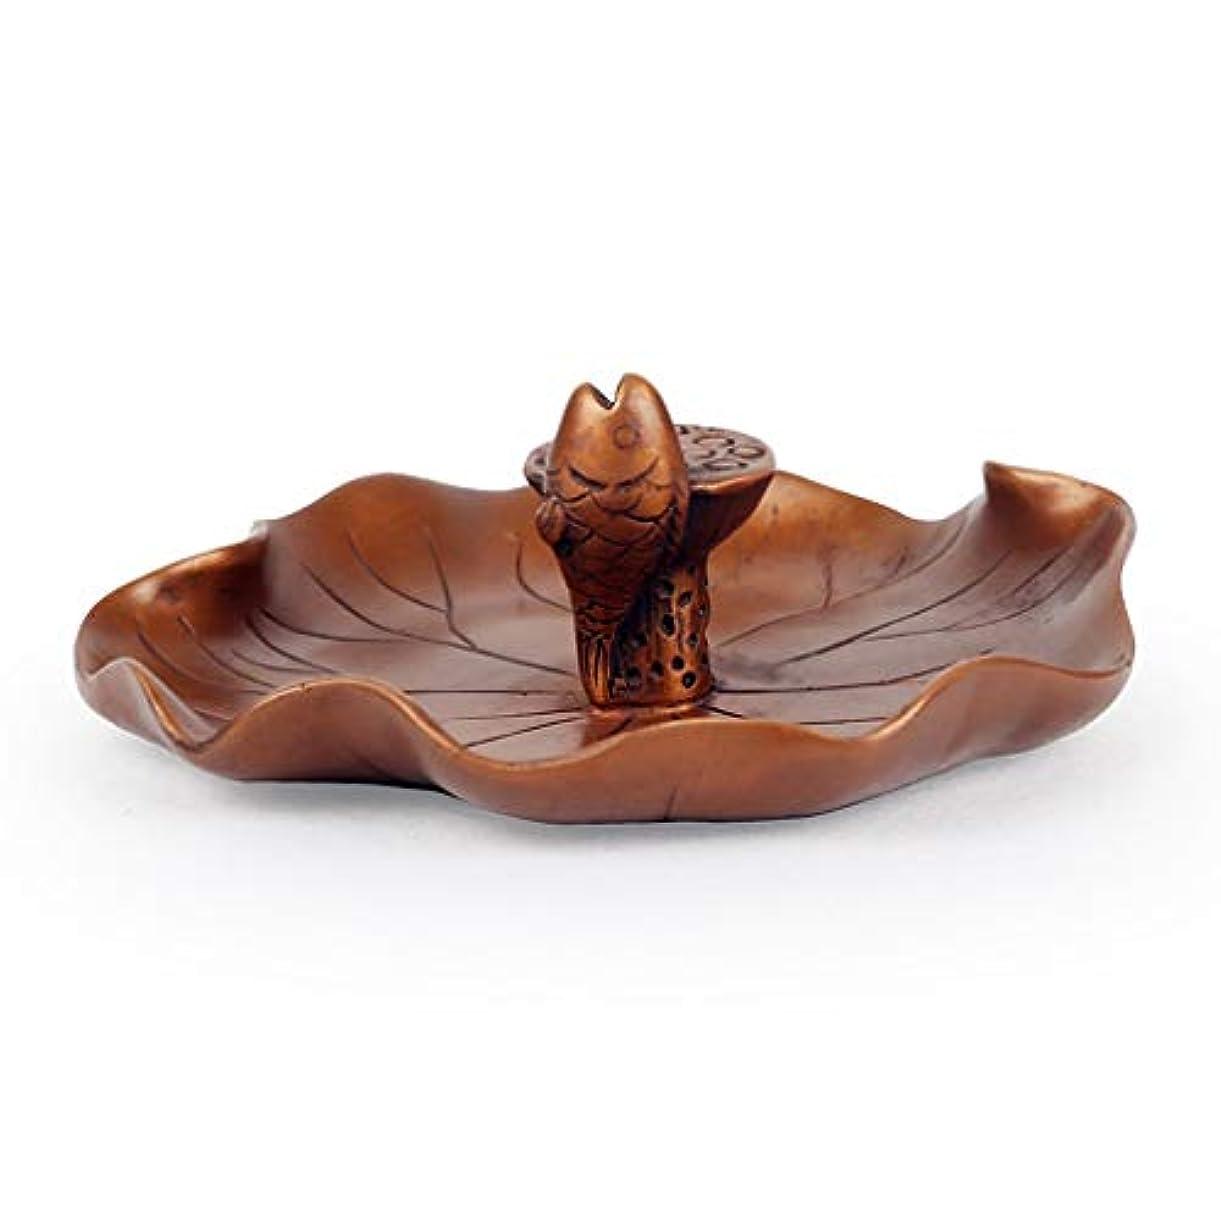 芳香器?アロマバーナー 還流香炉ホーム香りの良い禅禅ラッキー鑑賞新しいクリエイティブアガーウッド香バーナー装飾 アロマバーナー (Color : Brass)